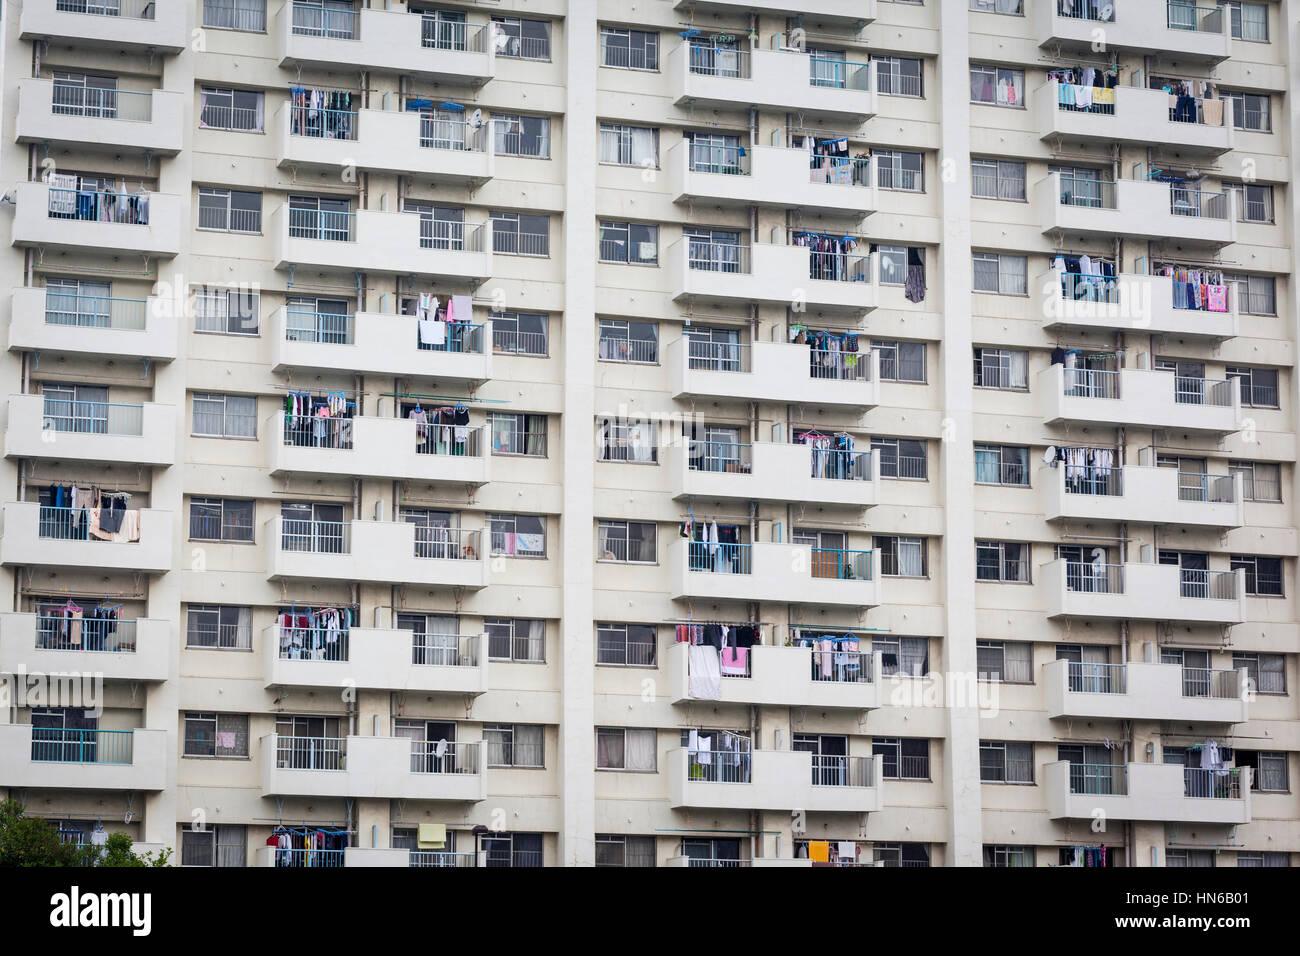 Tokio-25 Mai: Ein basic, Wohn-Hochhaus im Tsukiji Bezirk von Tokyo am 25. Mai 2012. Die Reihen von Fenstern und Stockbild